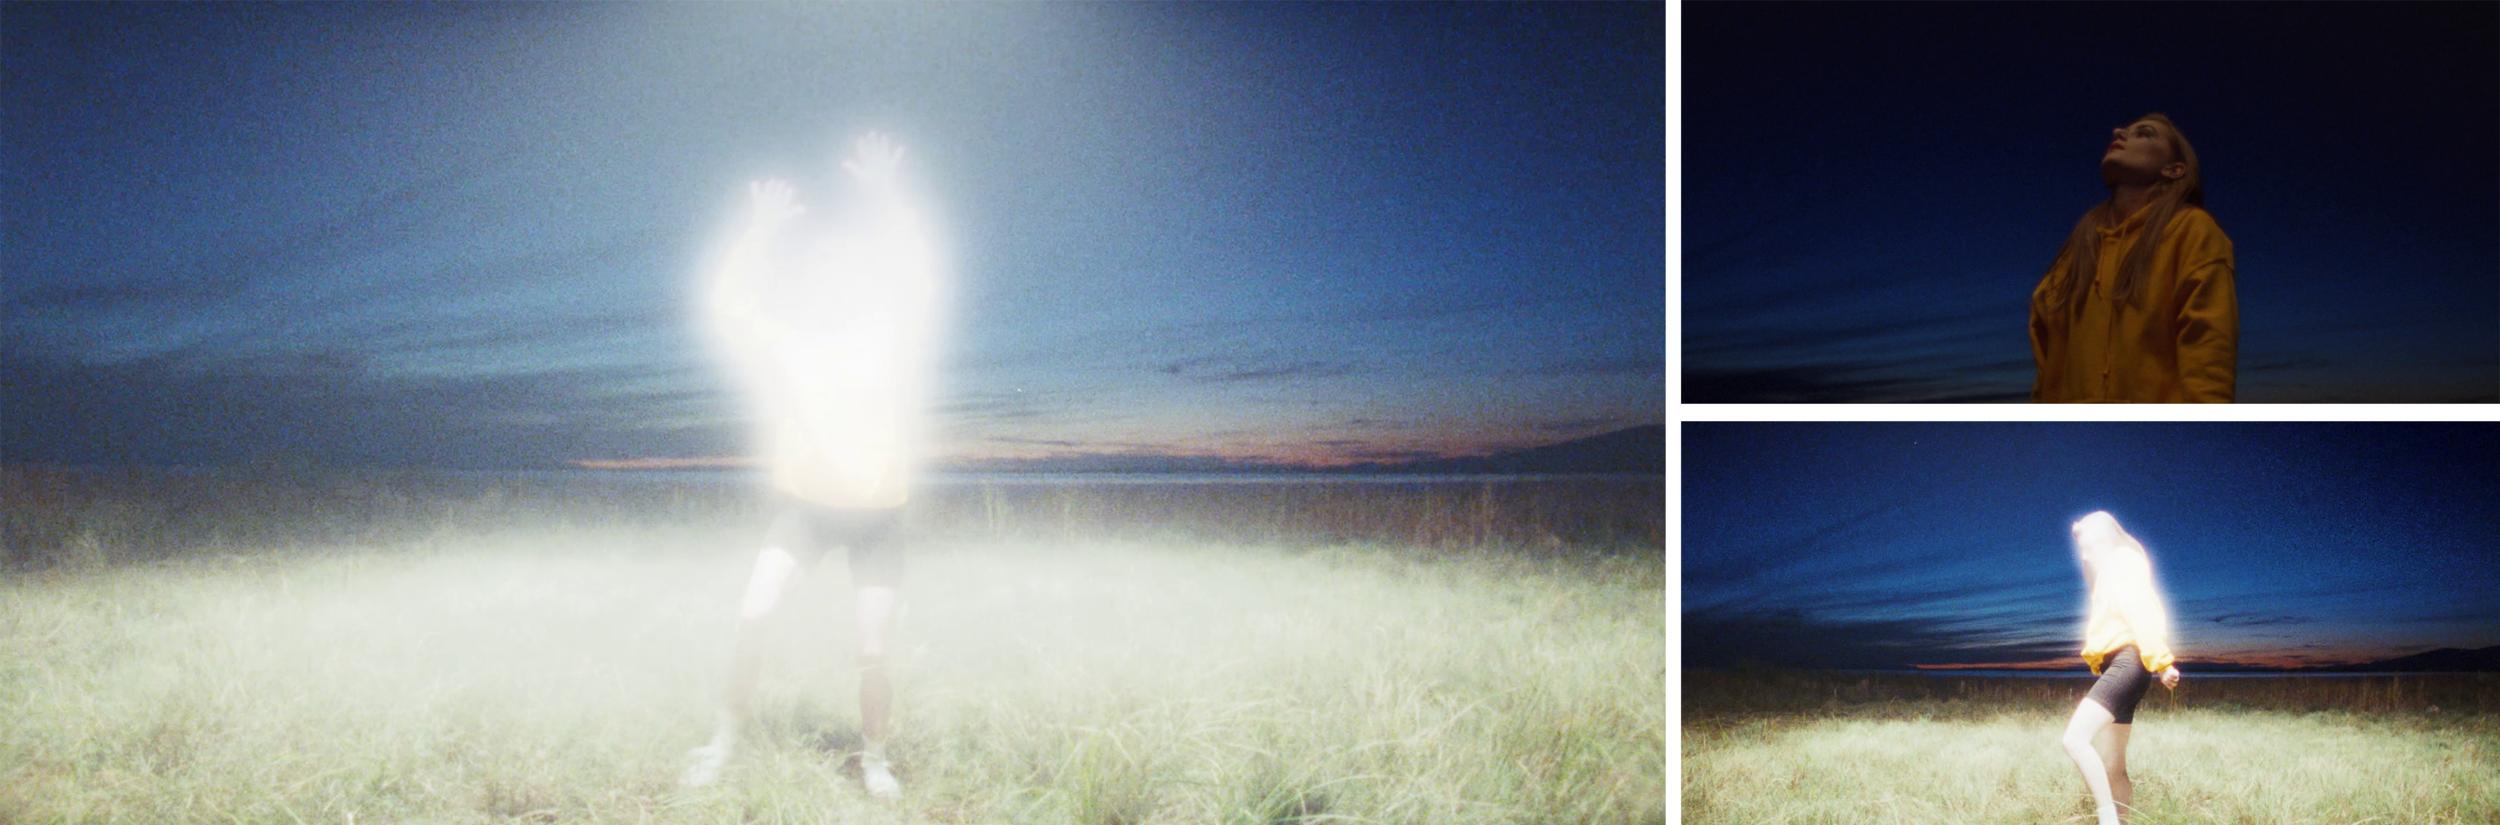 CHERRIE LAUREL - PLEASES ME | dir. Jordan Findlay